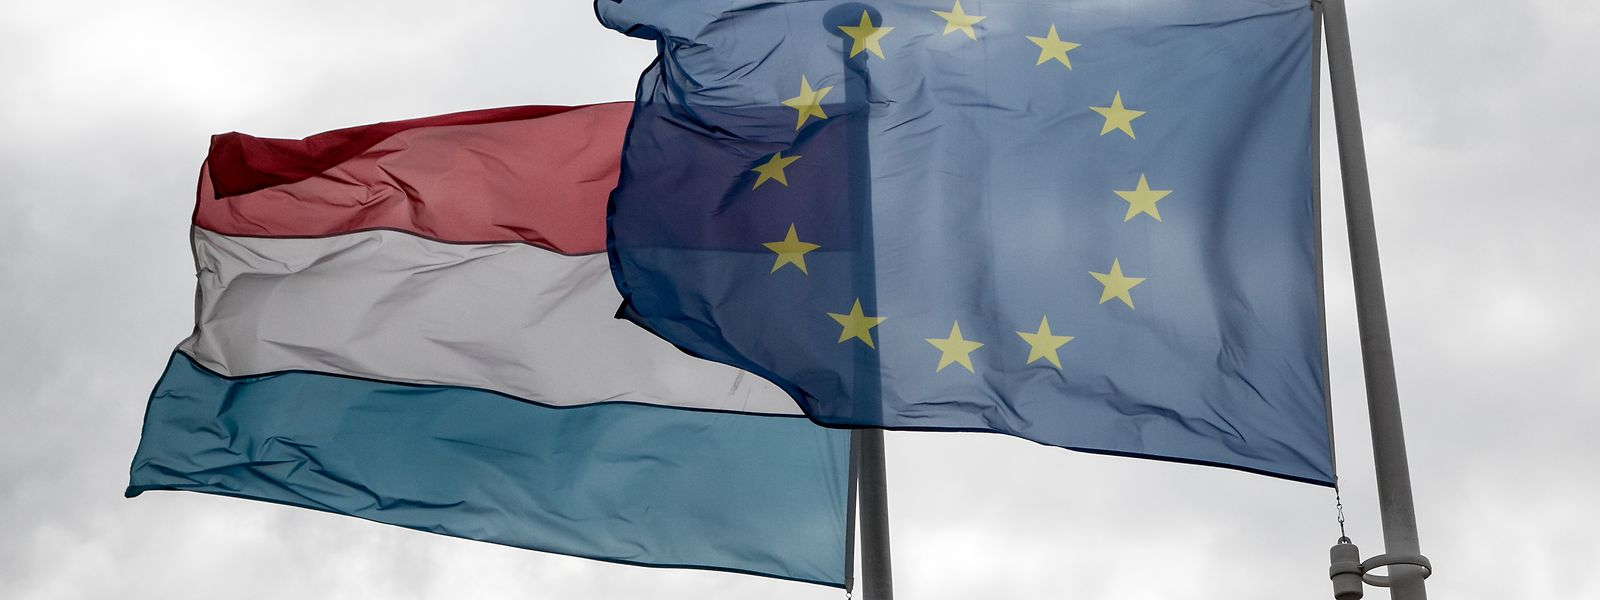 Neuer Feiertag in Luxemburg nun offiziell